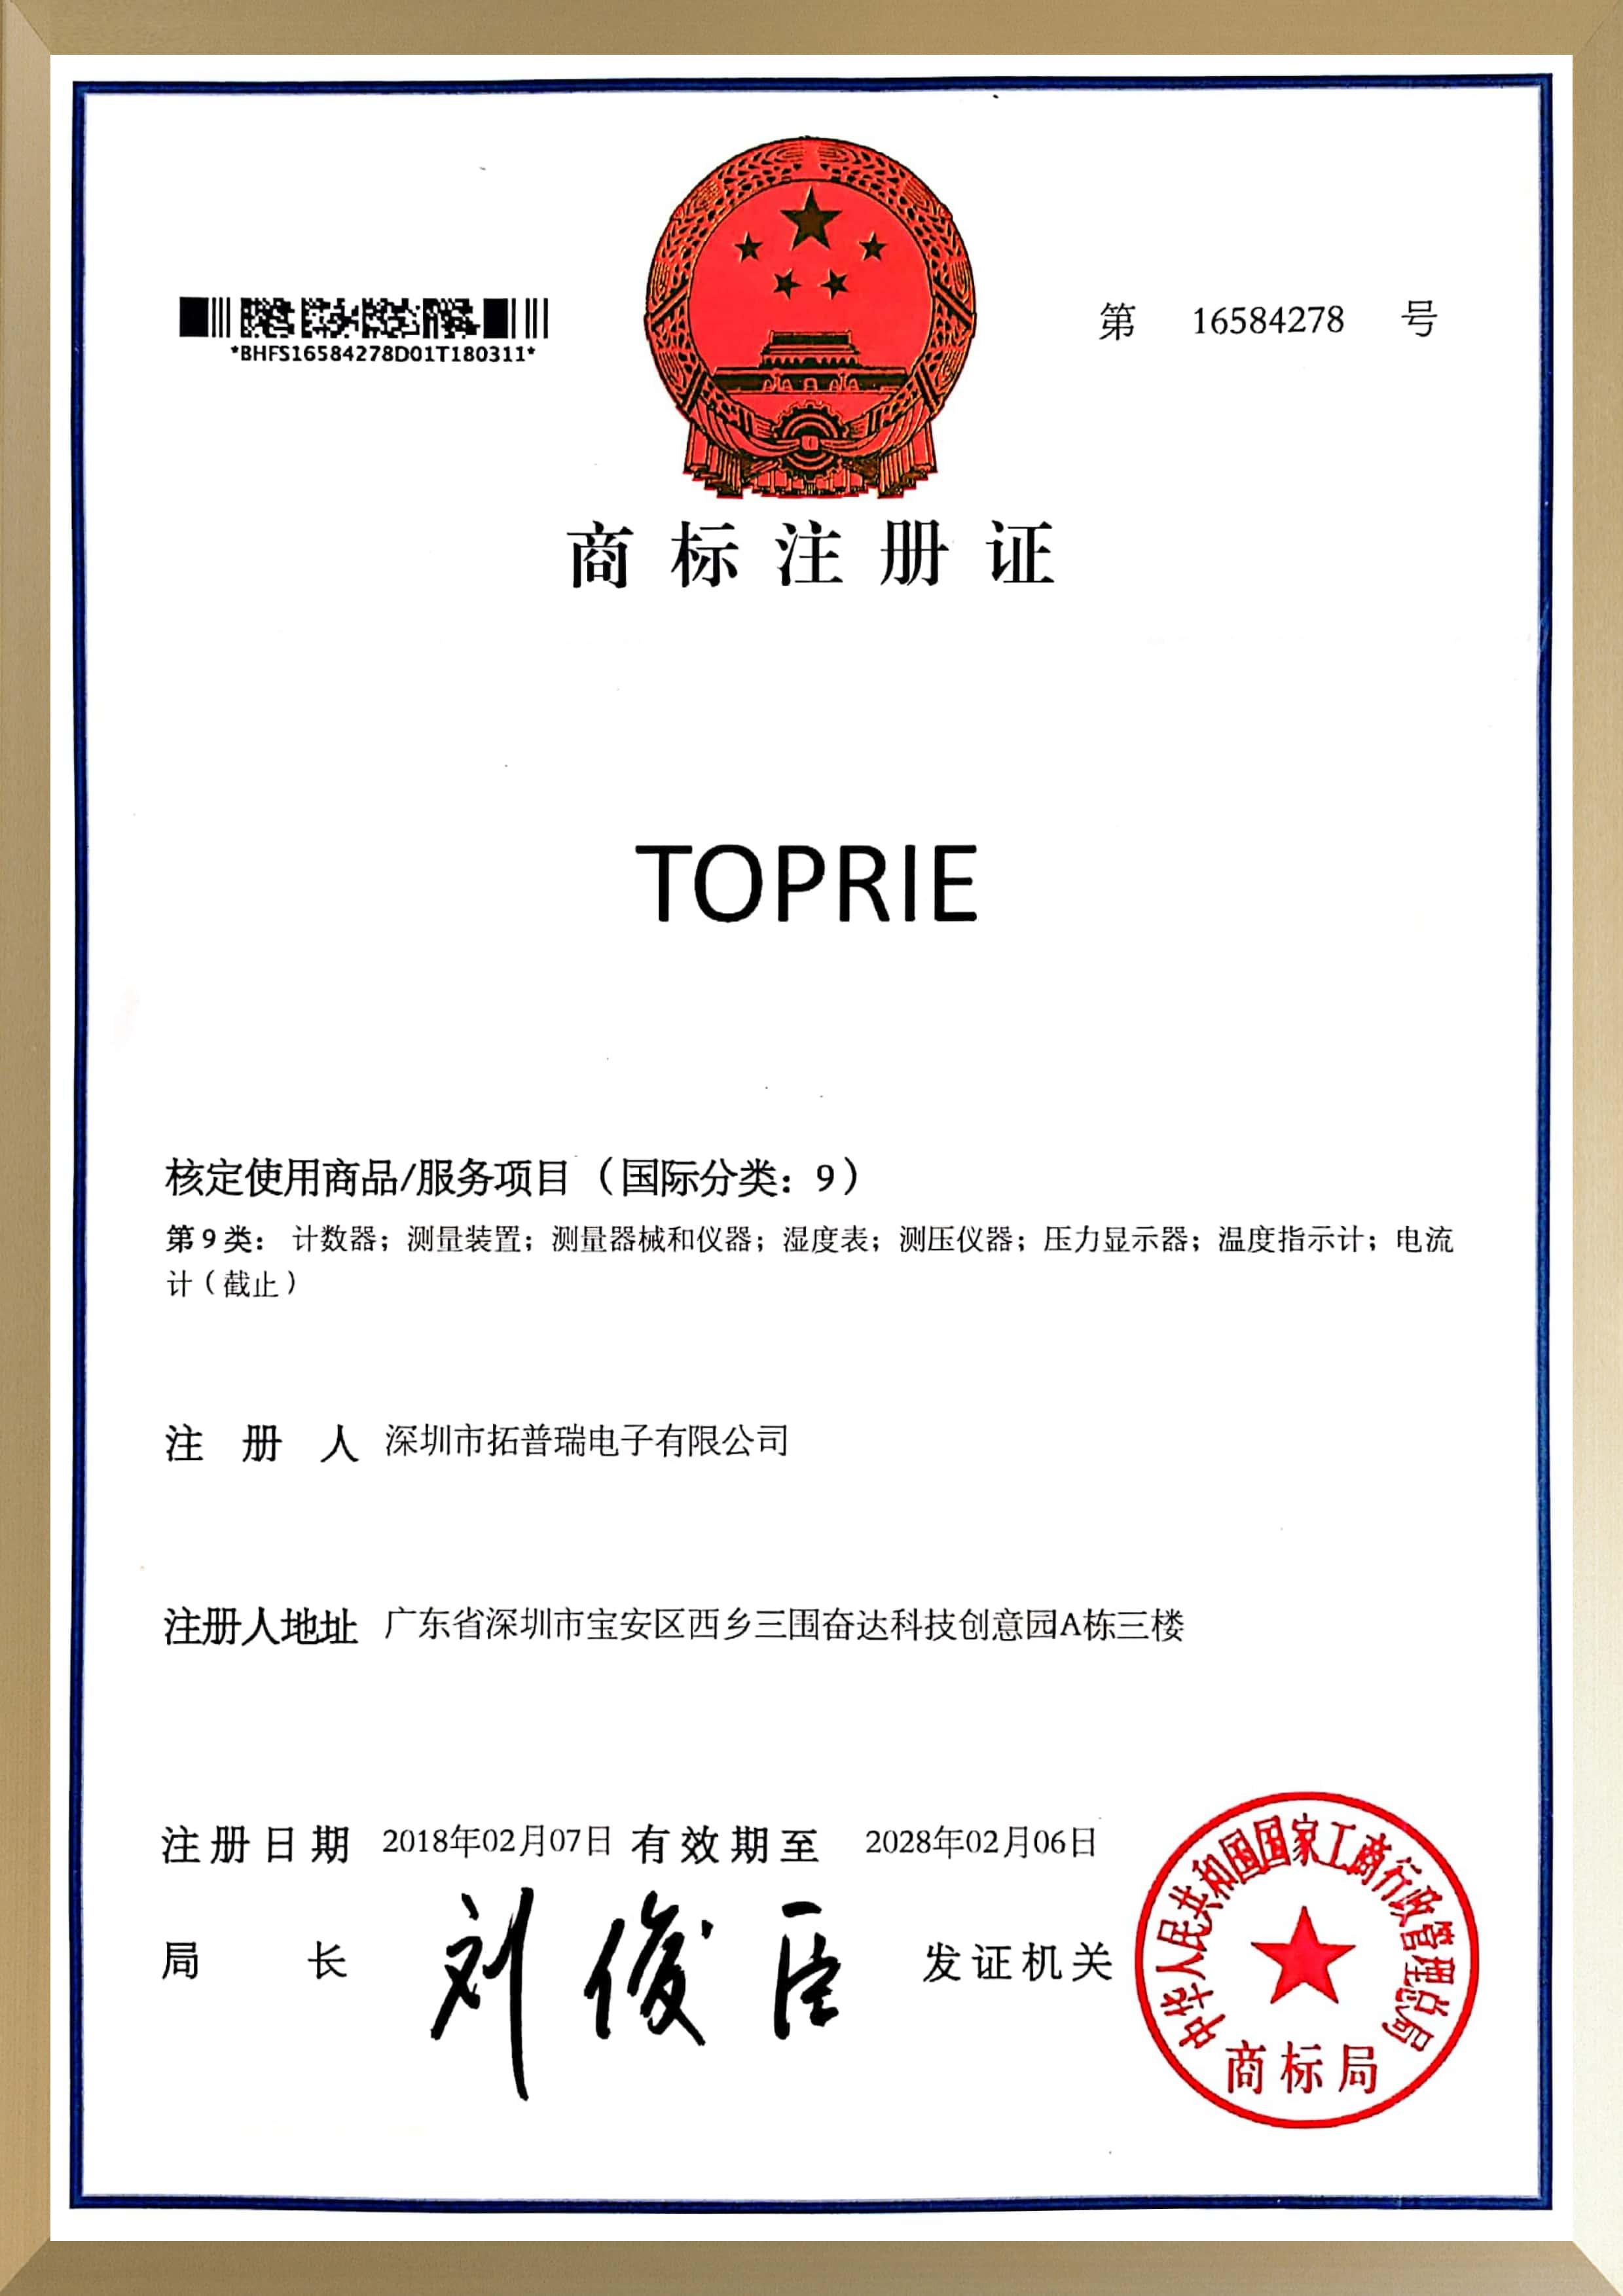 TOPRIE商标证书